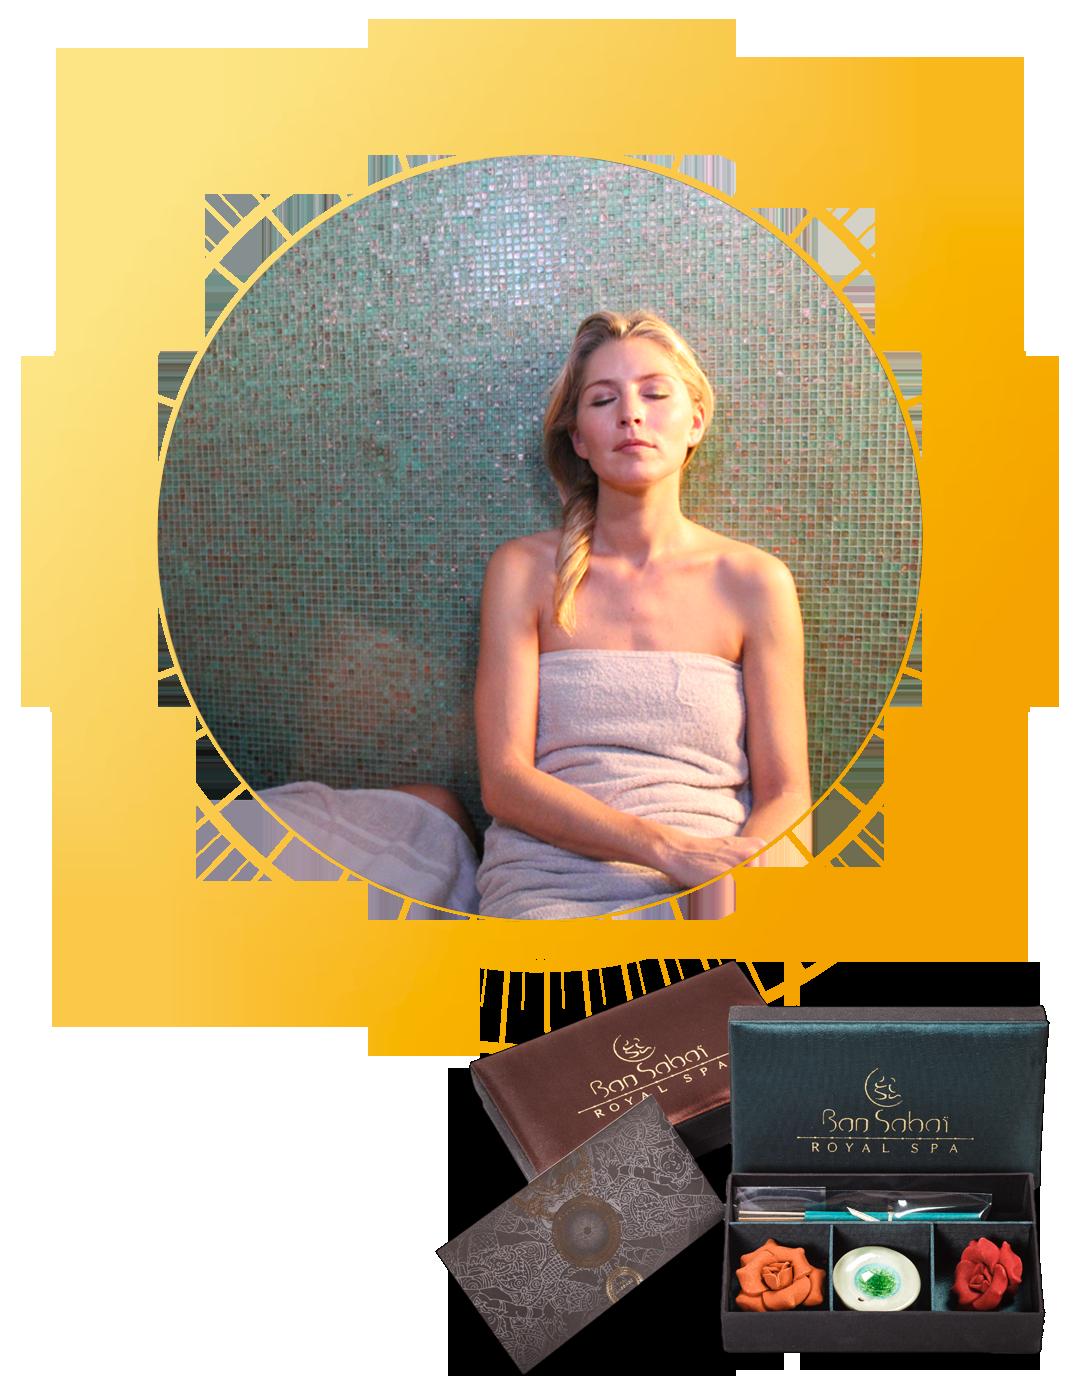 massage-thai-spa-bansabai